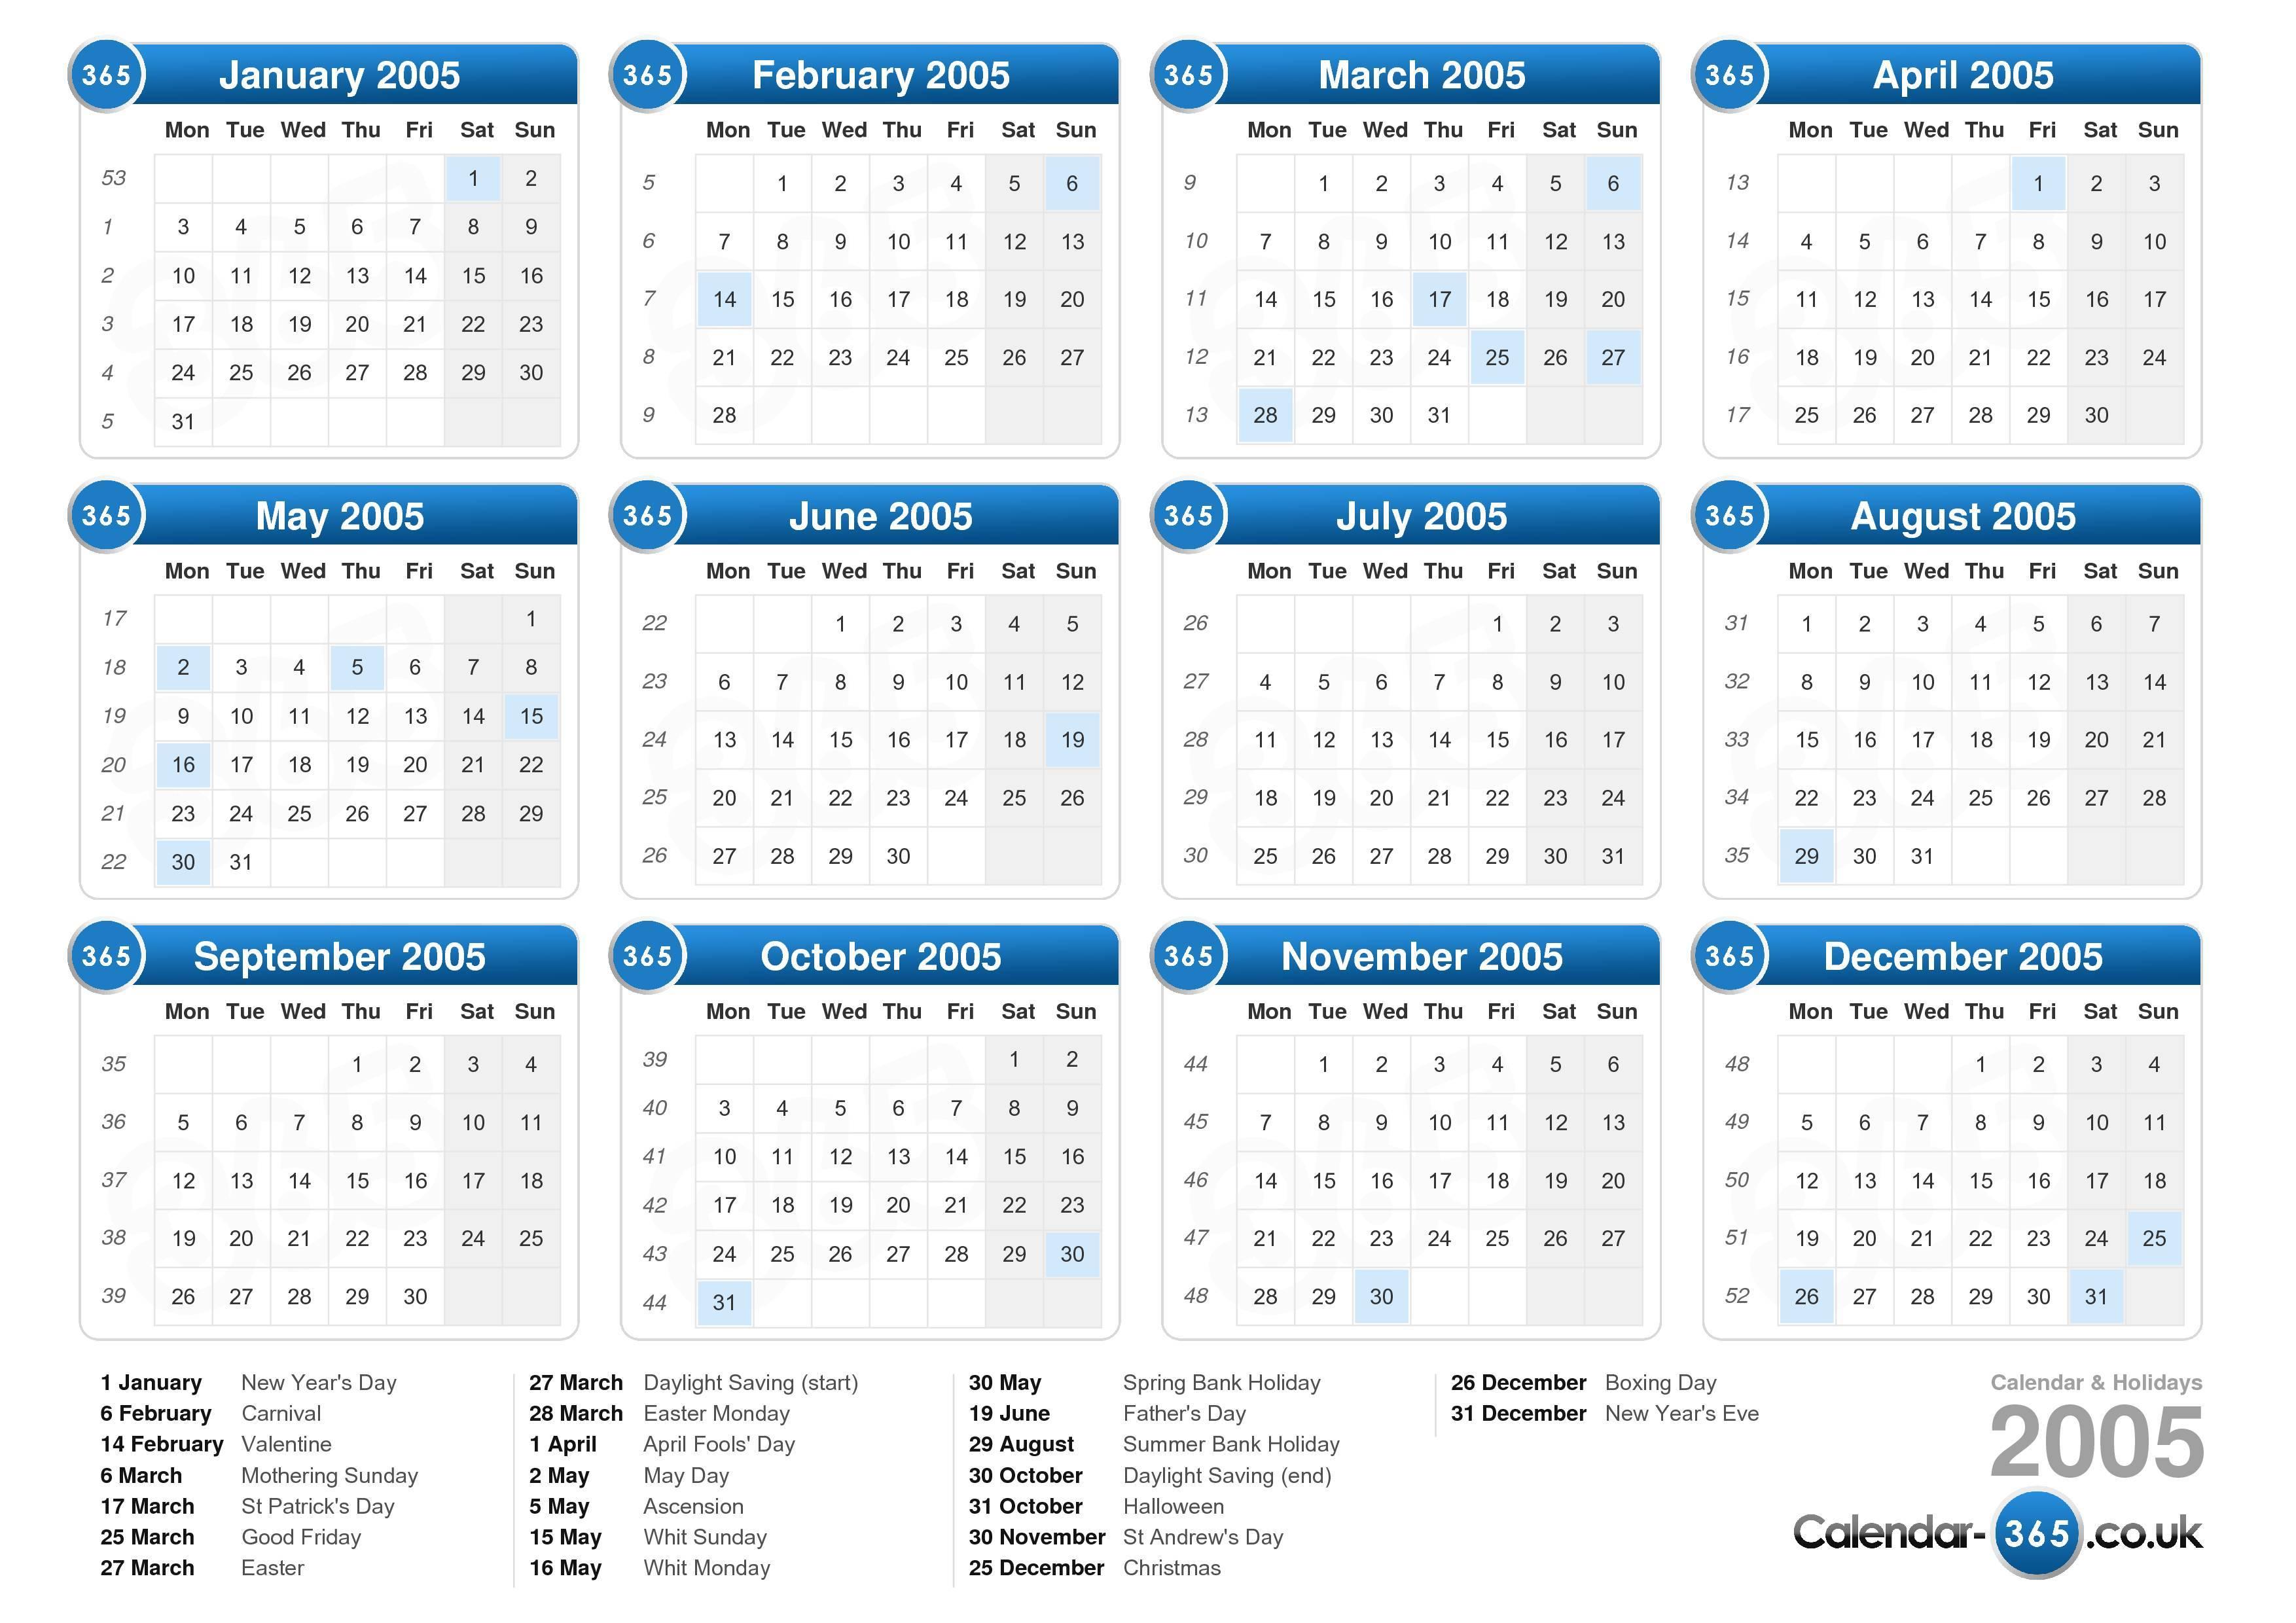 2005 calendar uk: